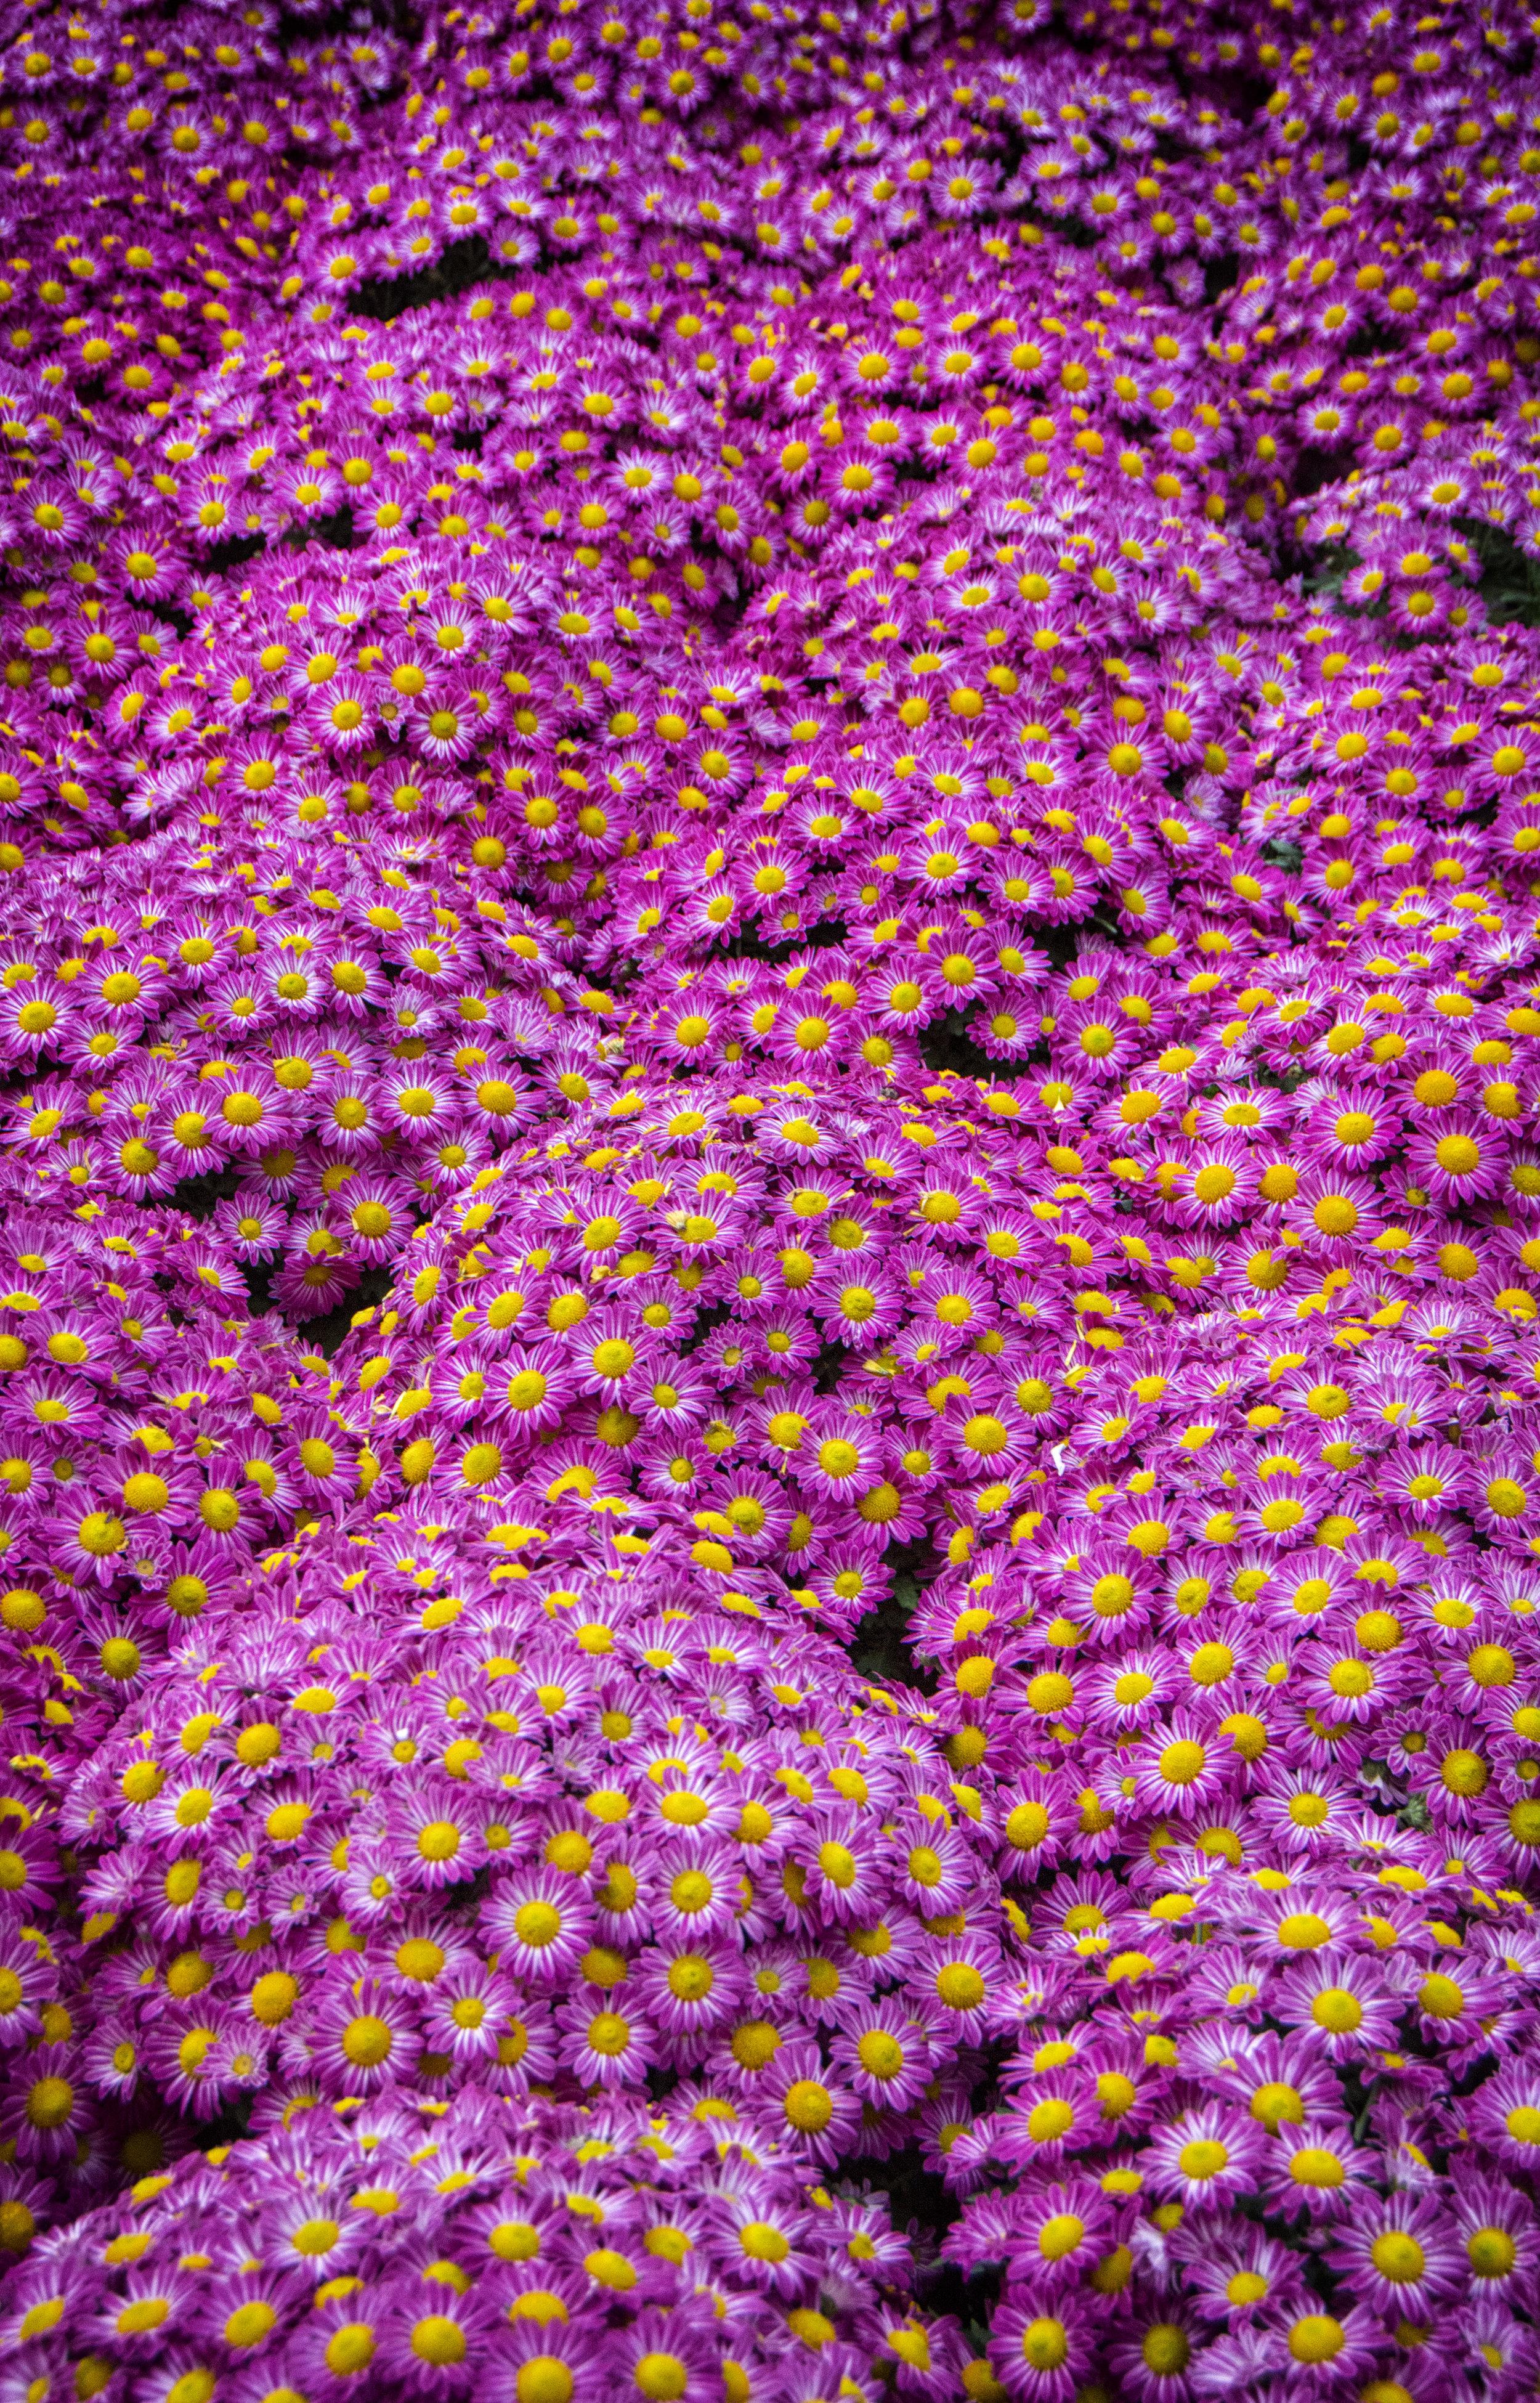 Longwood Chrysanthemum Festival